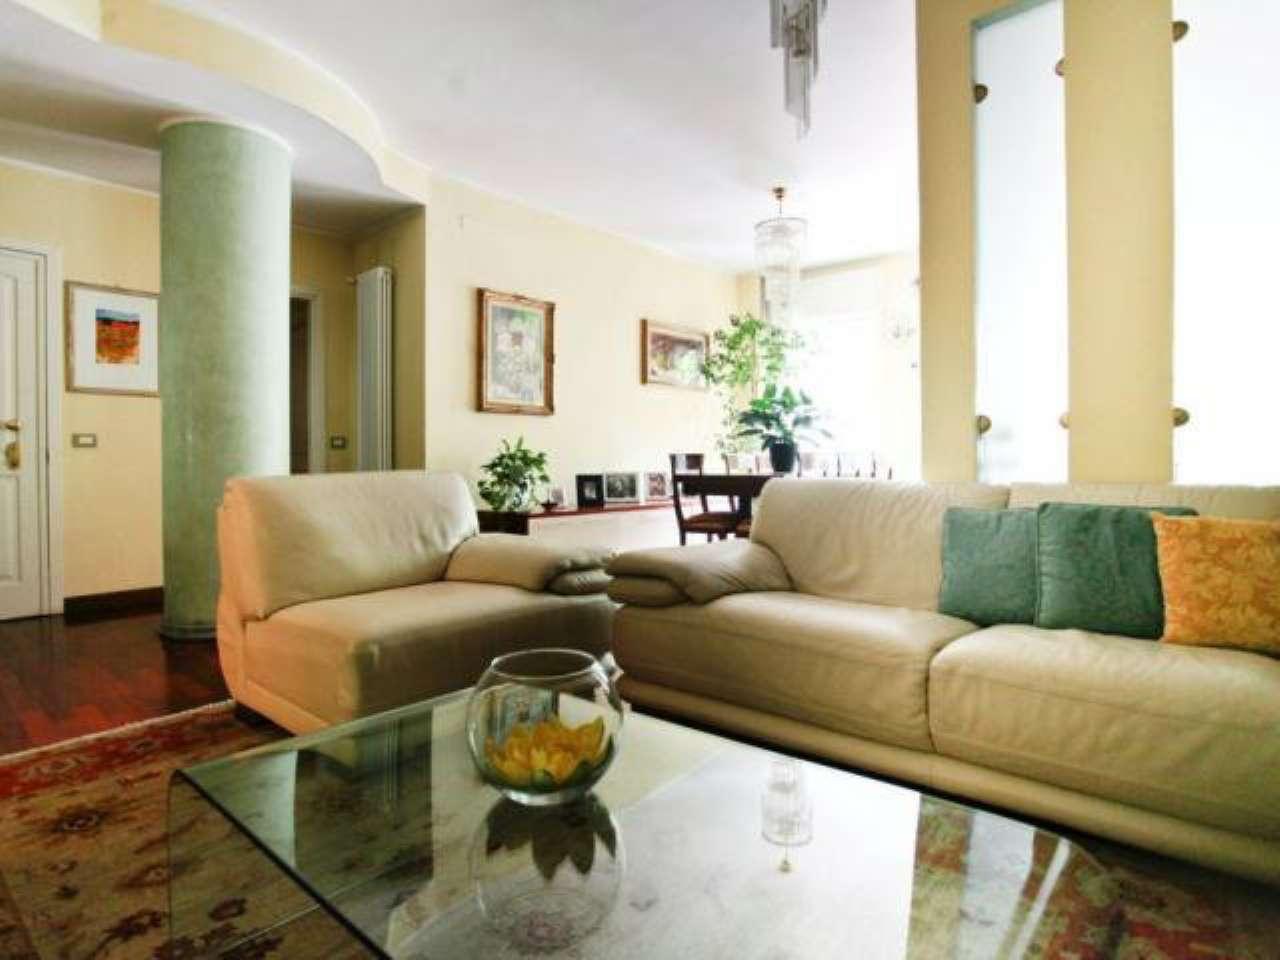 Appartamento in vendita a Milano, 5 locali, zona Zona: 4 . Buenos Aires, Indipendenza, P.ta Venezia, Regina Giovanna, Dateo, prezzo € 700.000 | Cambio Casa.it